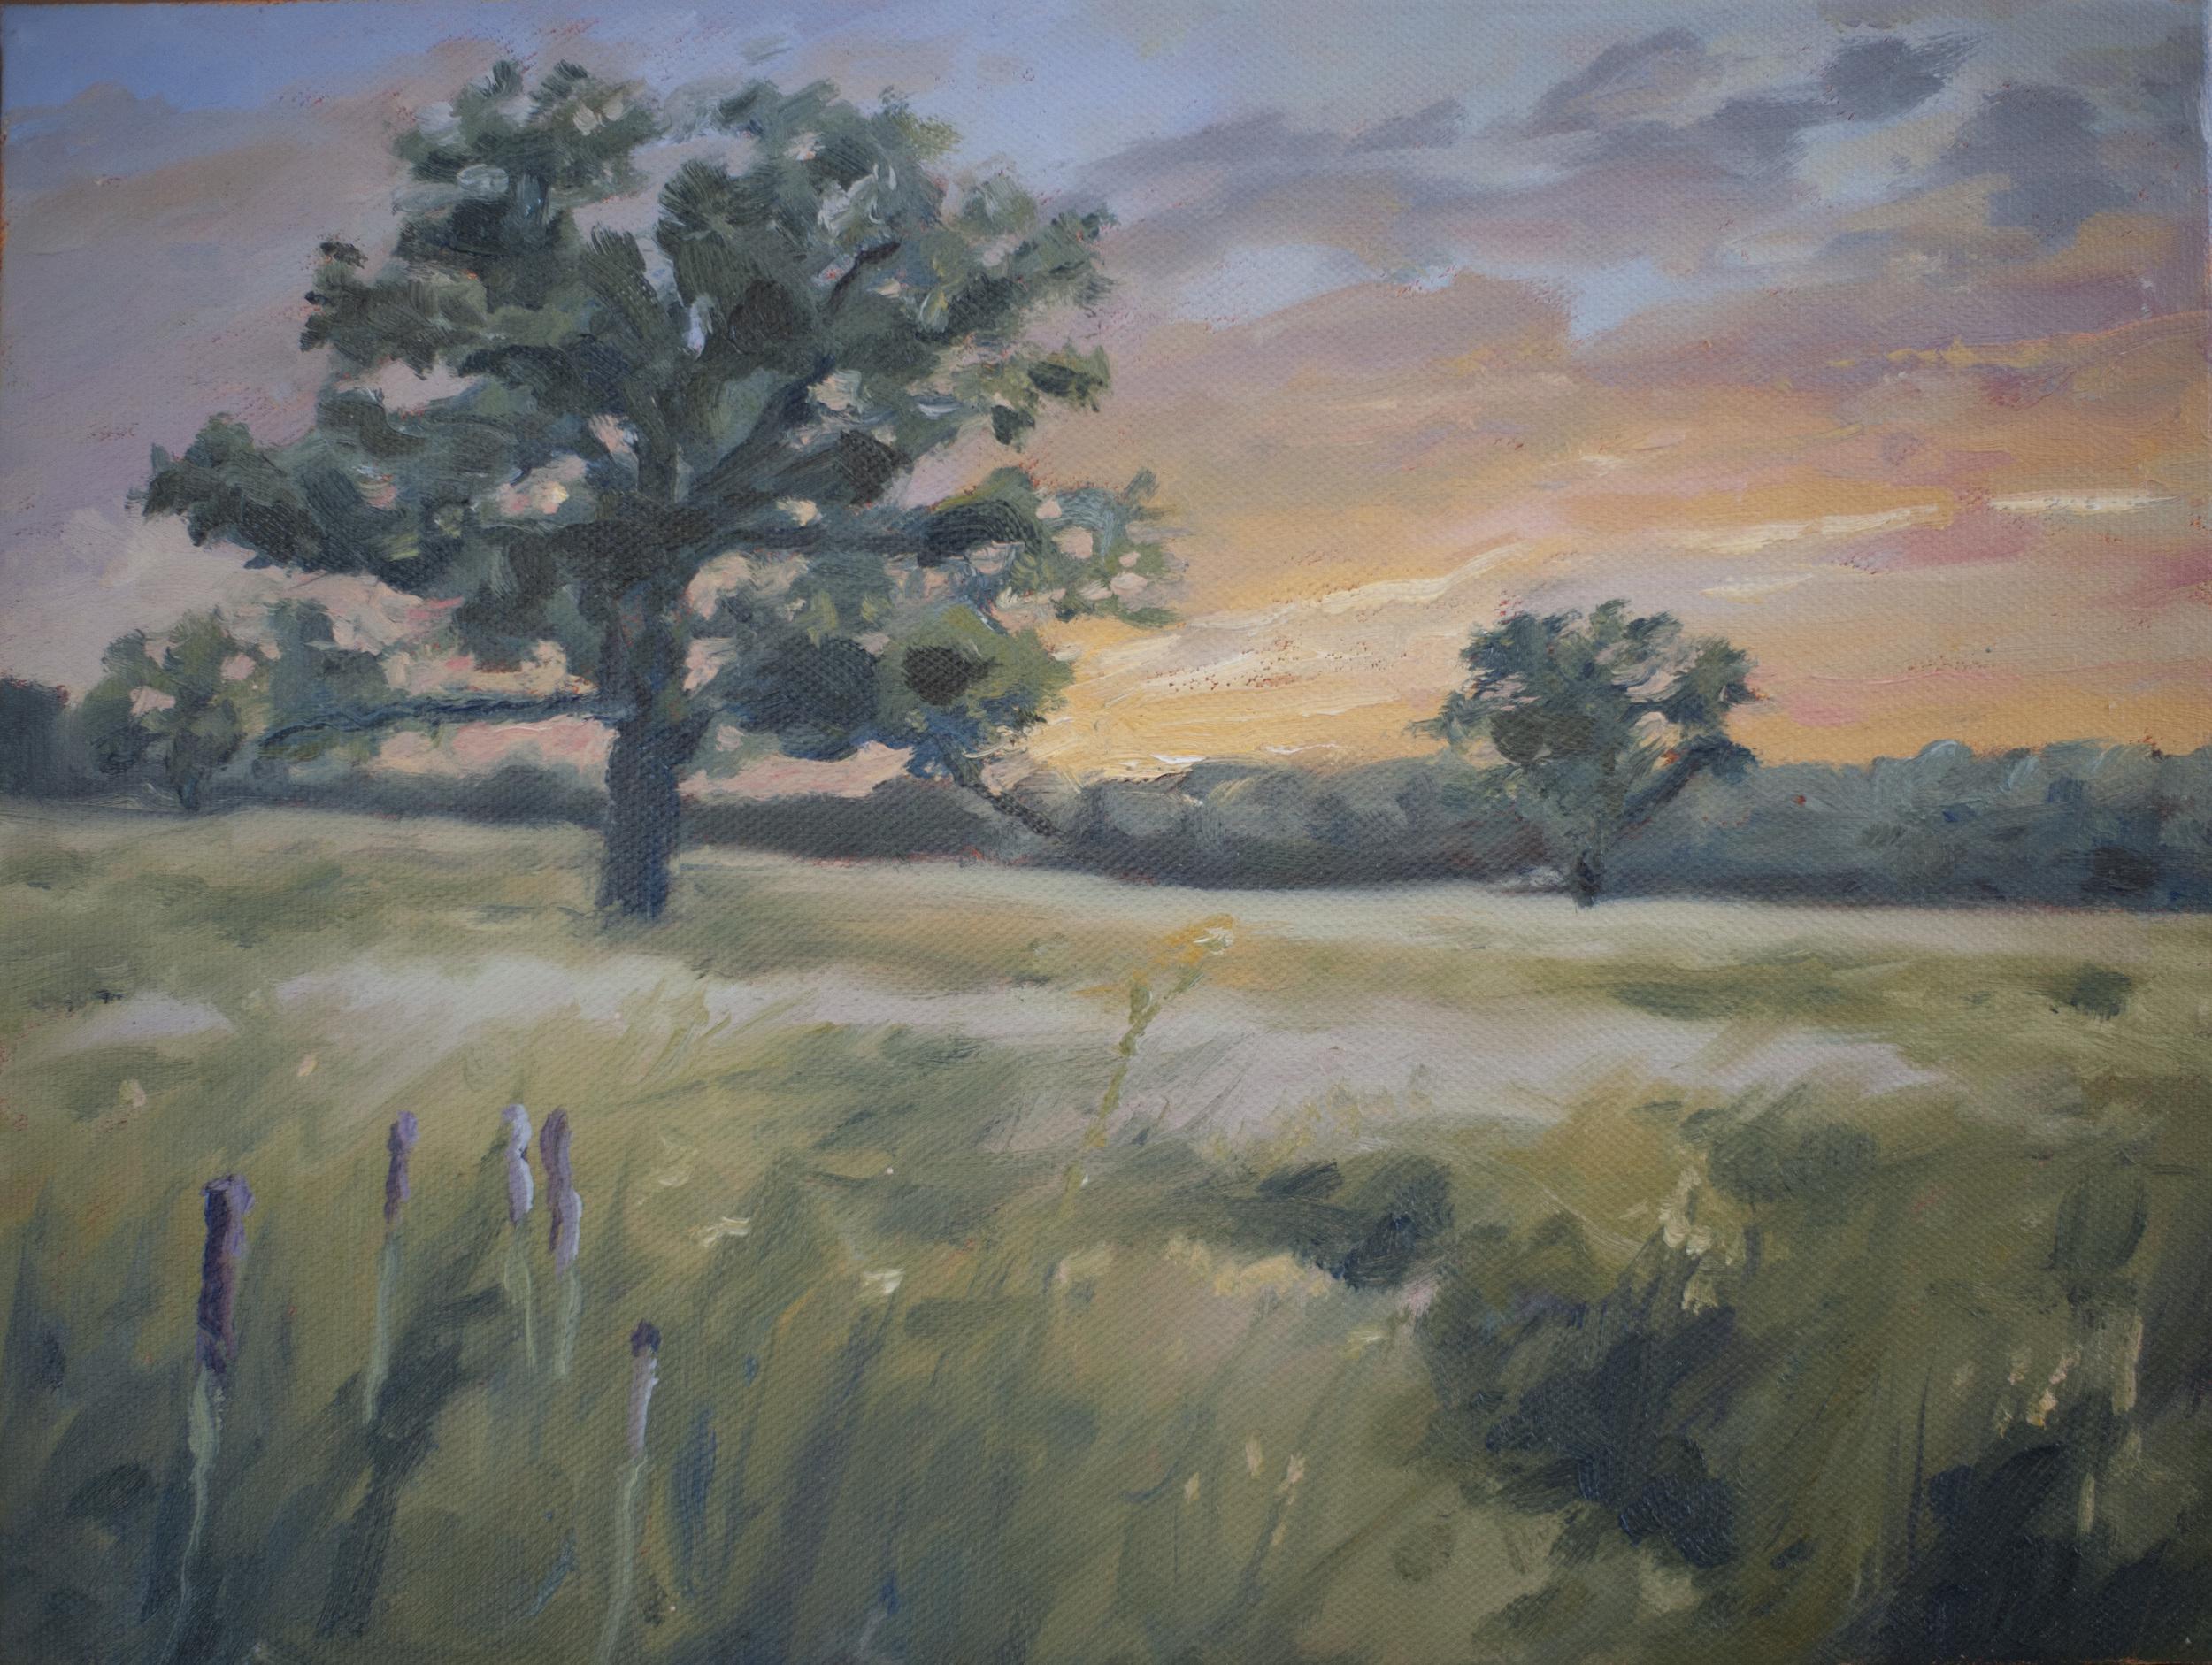 Healy Savannah study/sunset